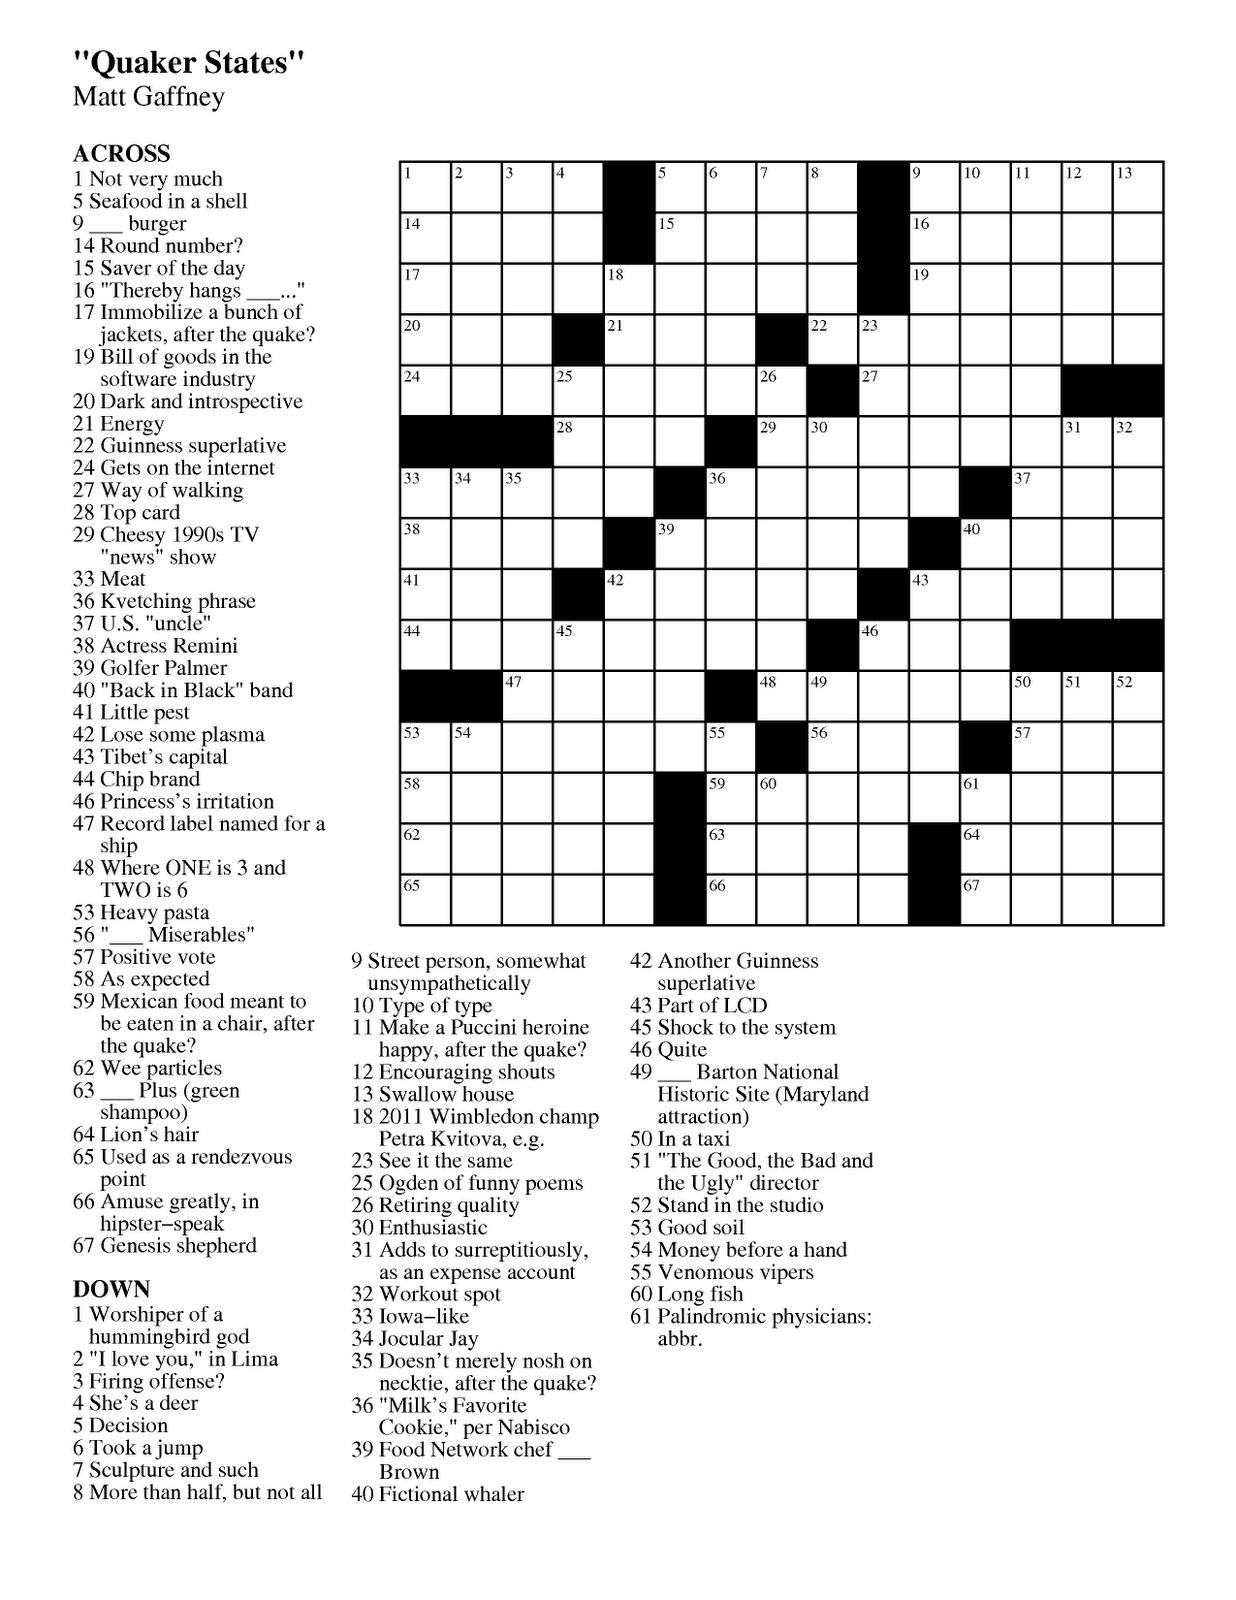 Free Printable Crossword Puzzle 1